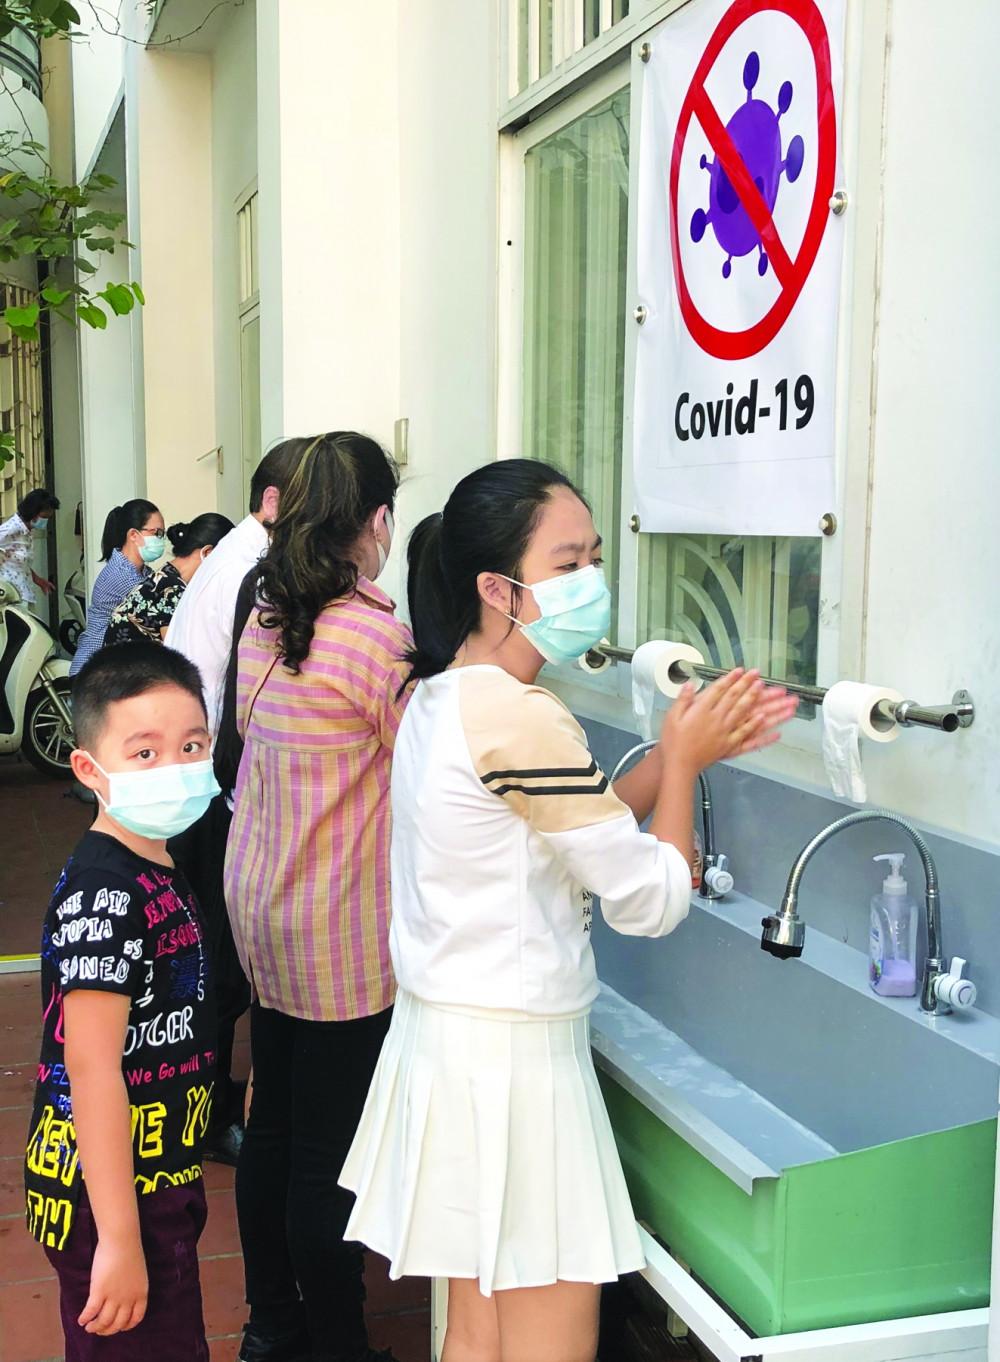 Trong mùa dịch này,  ai cũng đã biết việc rửa tay, tránh đám đông, giữ khoảng cách với nhau 1 - 2m đối với người khác